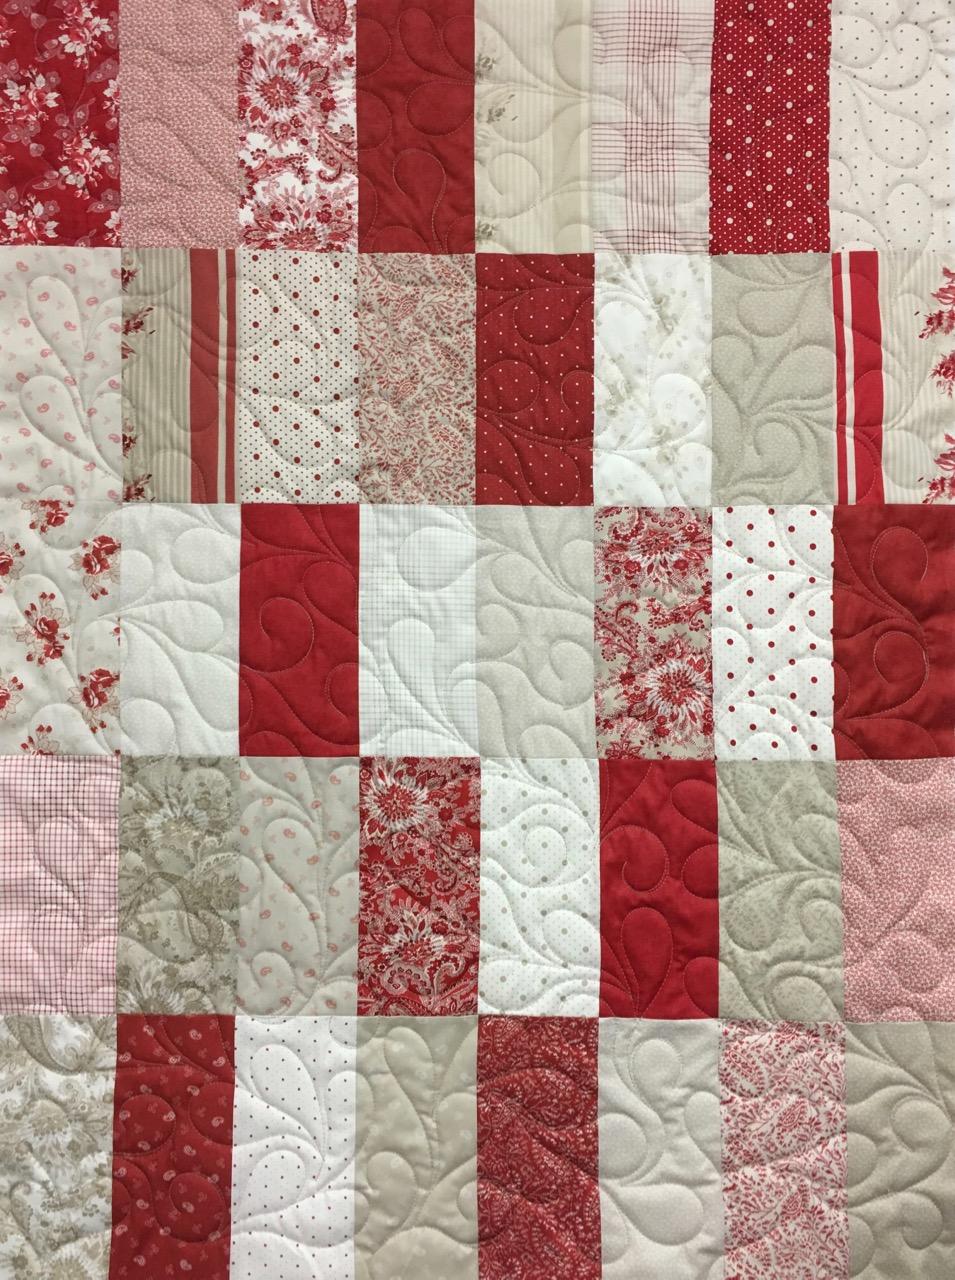 0726 eden rose moda red